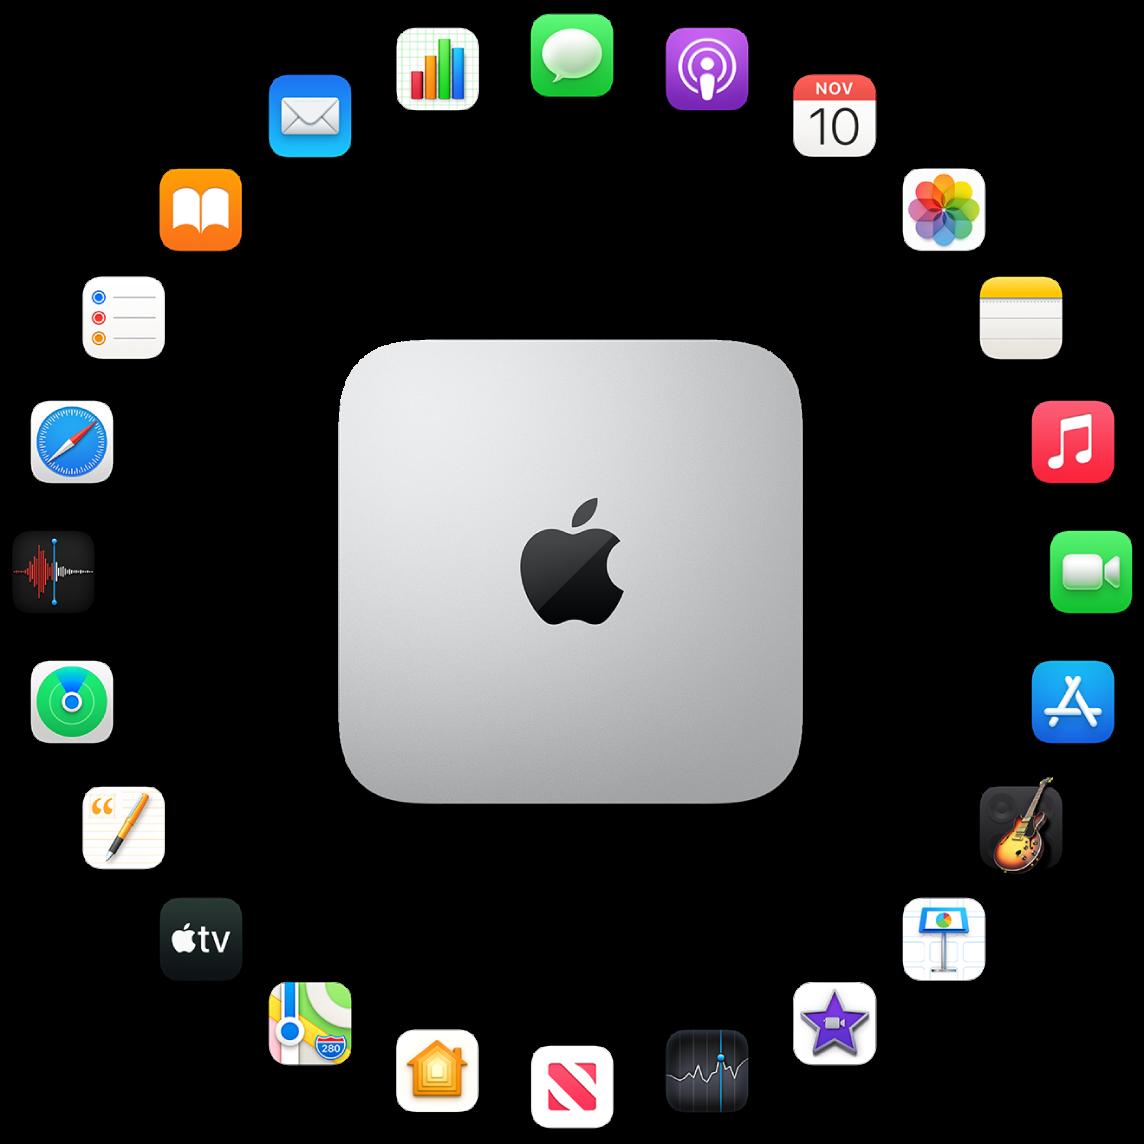 Un Macmini autour duquel sont représentées les icônes des apps fournies avec votre ordinateur et décrites dans les sections suivantes.